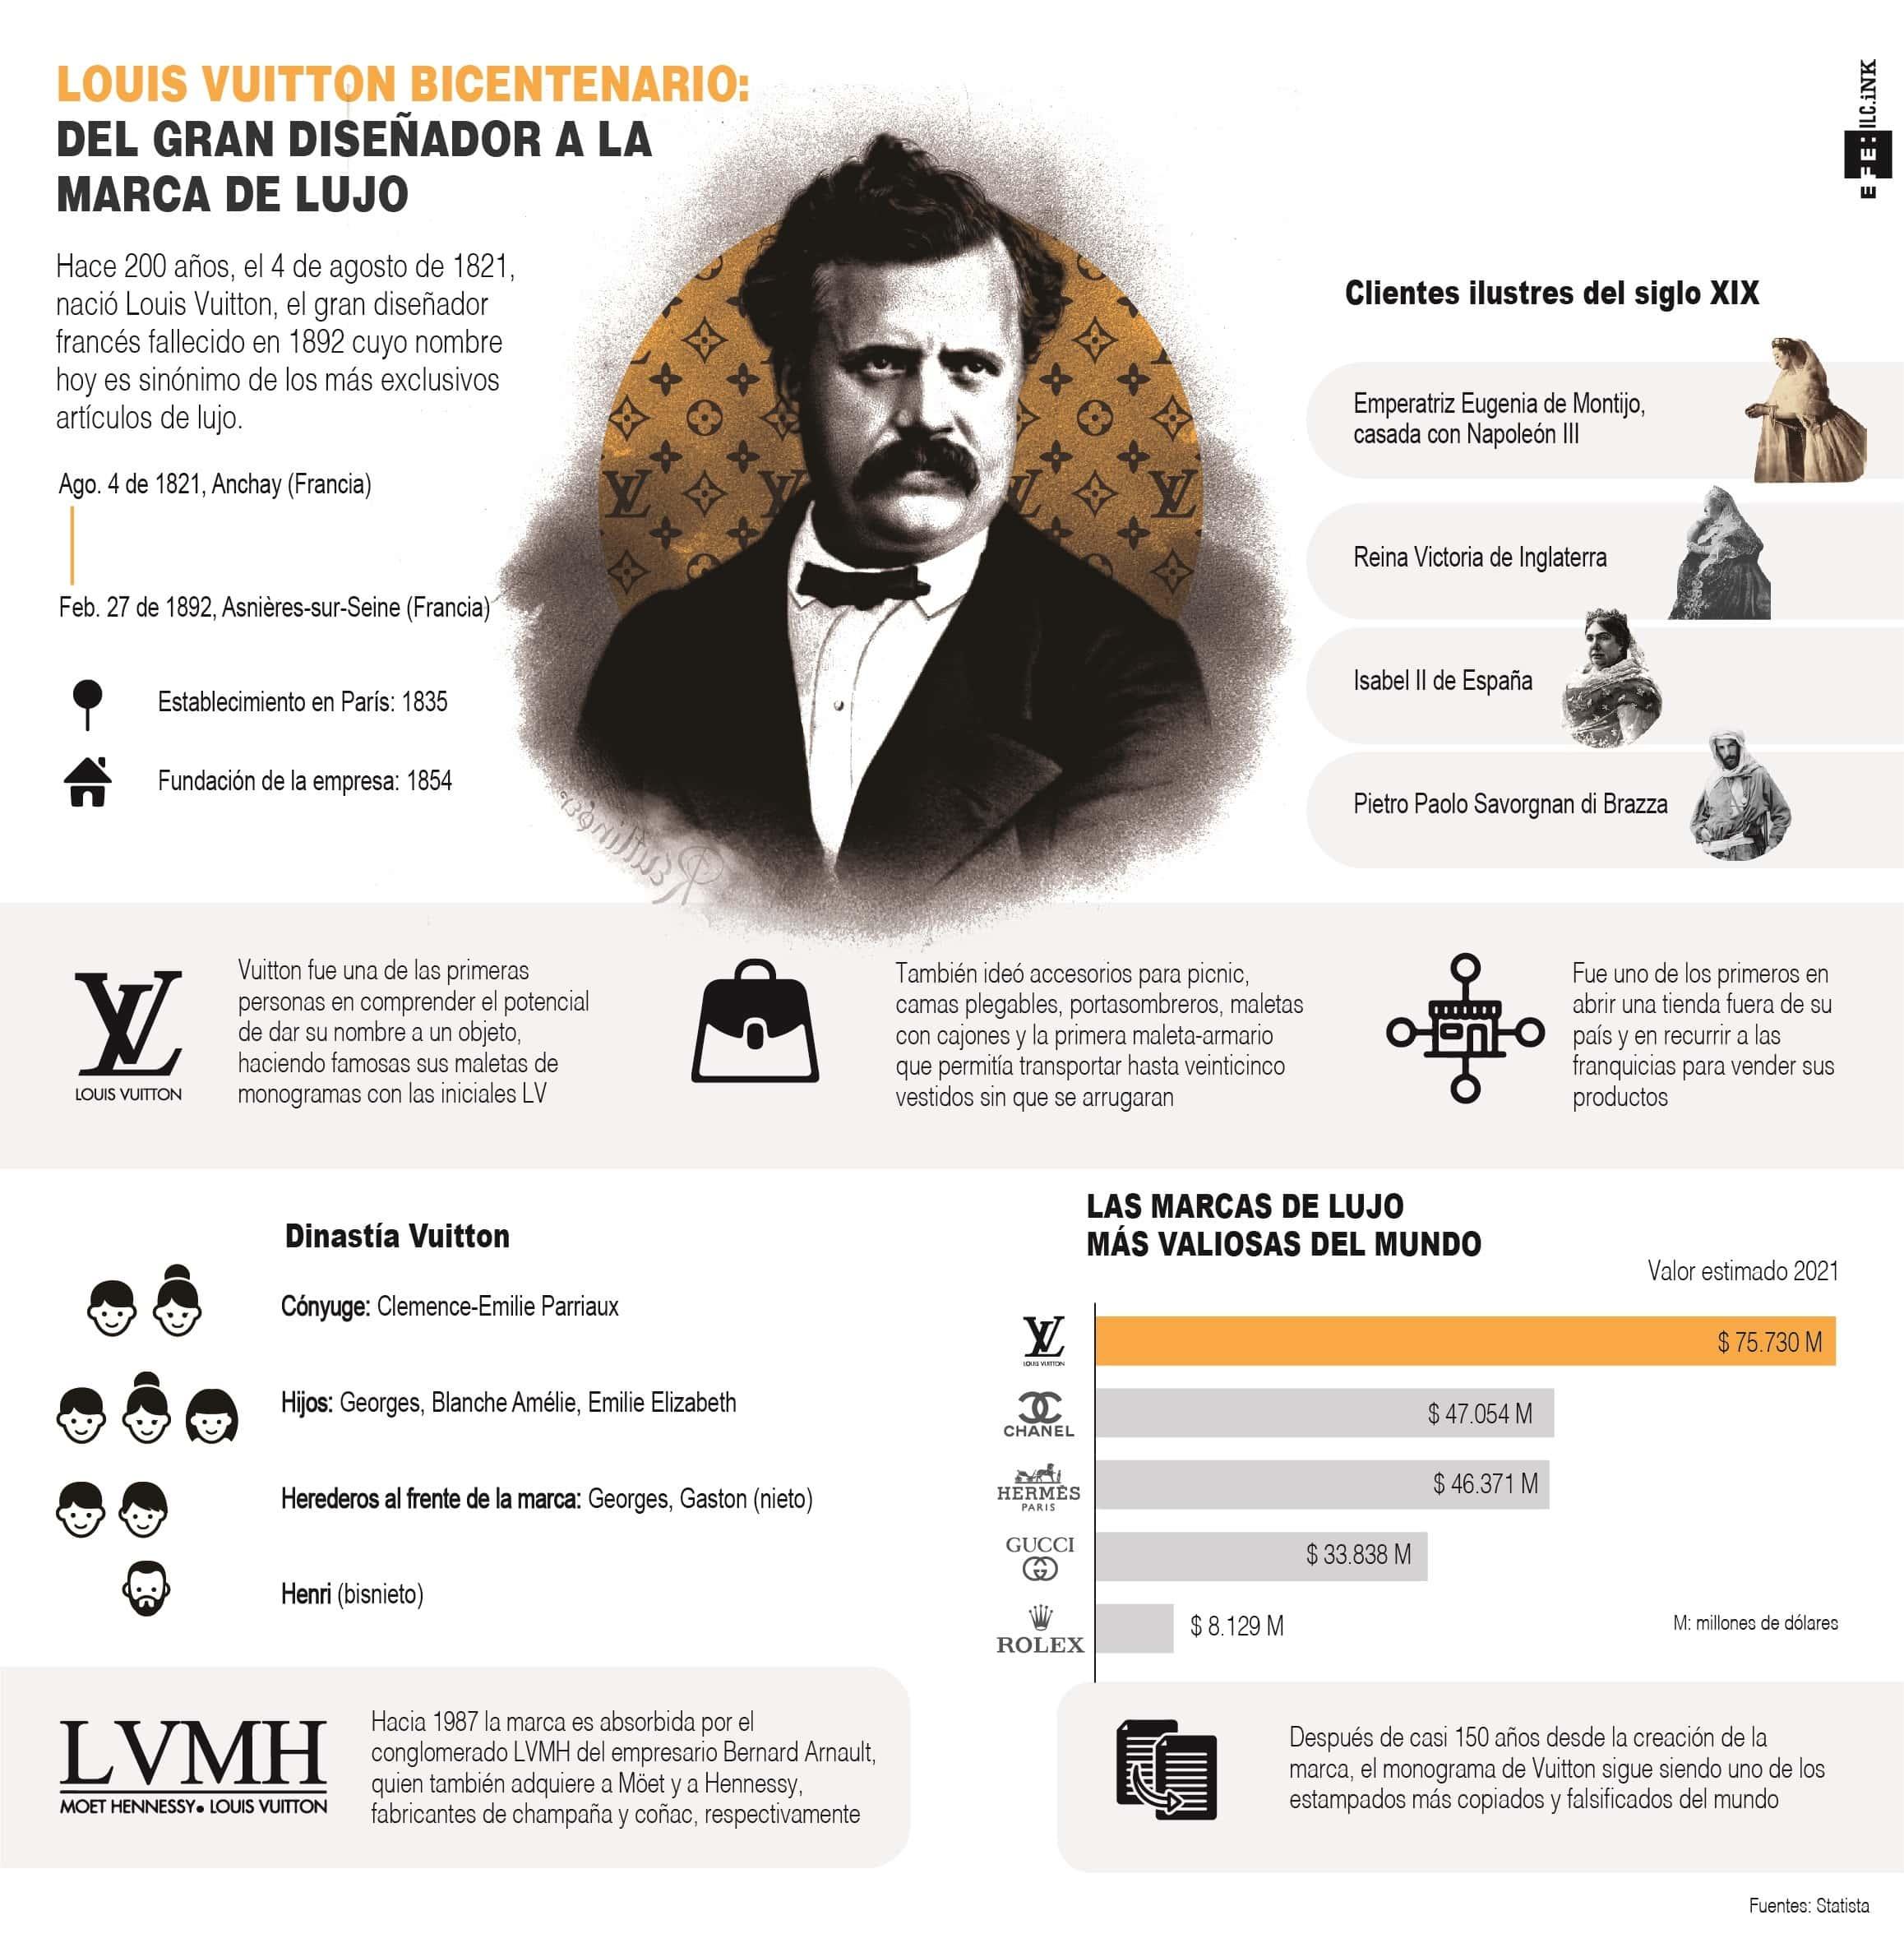 [Infografía] Louis Vuitton, el hombre que inventó el lujo moderno 1